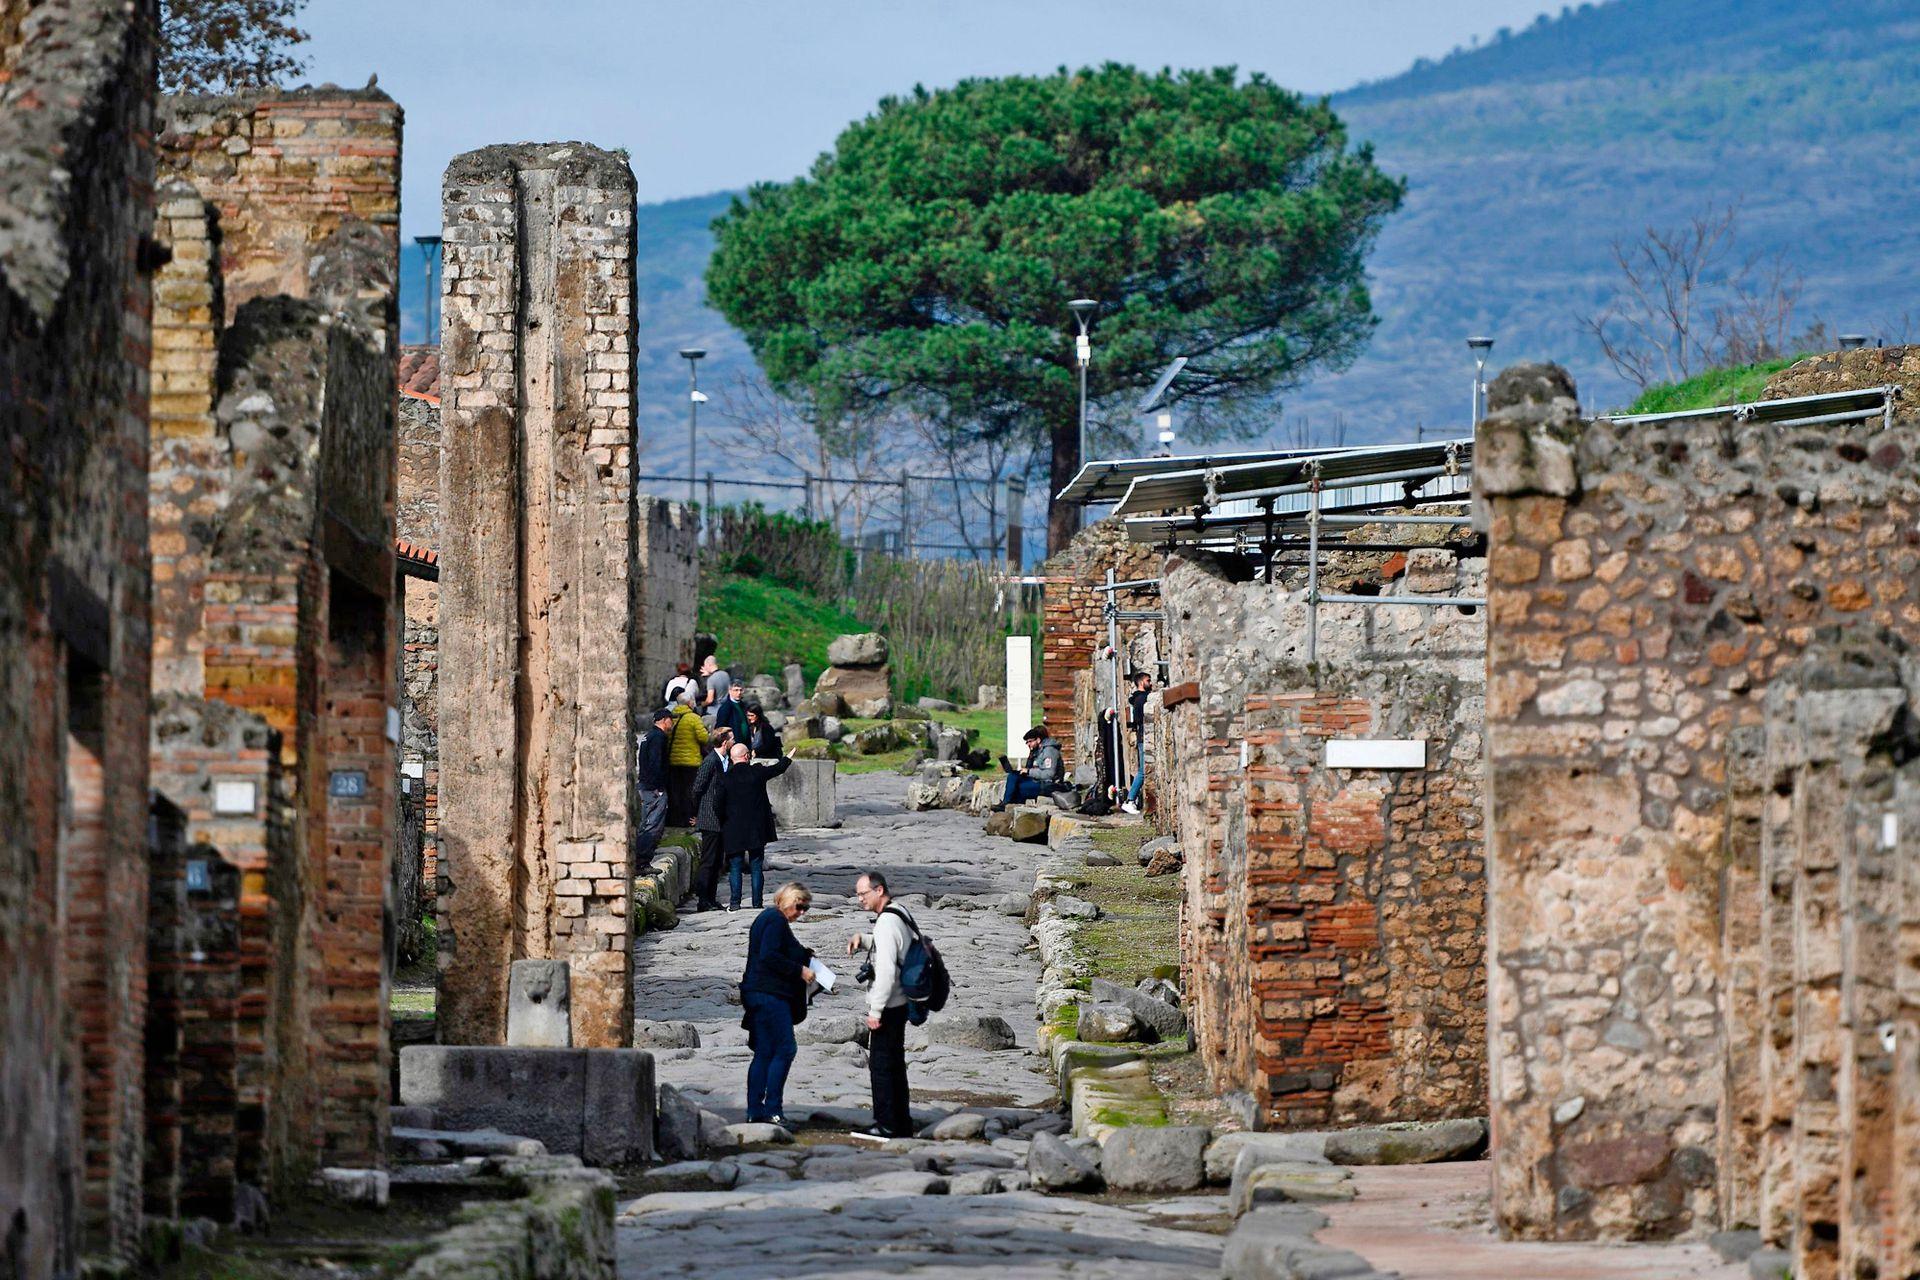 Las excavaciones recientes en Pompeya han ofrecido varios hallazgos impresionantes, incluida una inscripción descubierta el año pasado que demuestra que la ciudad cerca de Nápoles fue destruida después del 17 de octubre del 79 d. C. y no el 24 de agosto como se pensaba